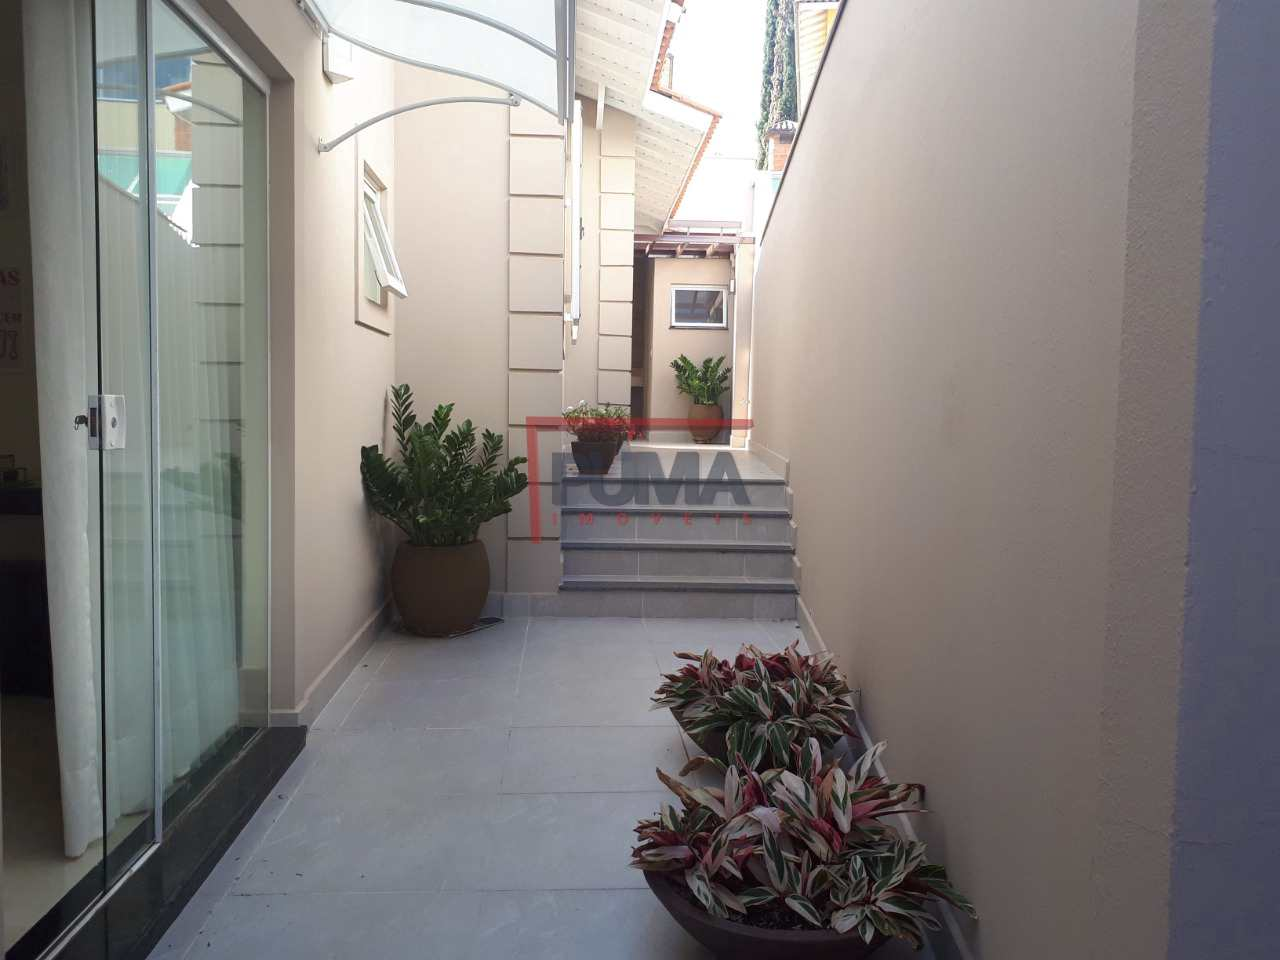 Casa de Condomínio com 3 dorms, Terras de Piracicaba, Piracicaba - R$ 870 mil, Cod: 616